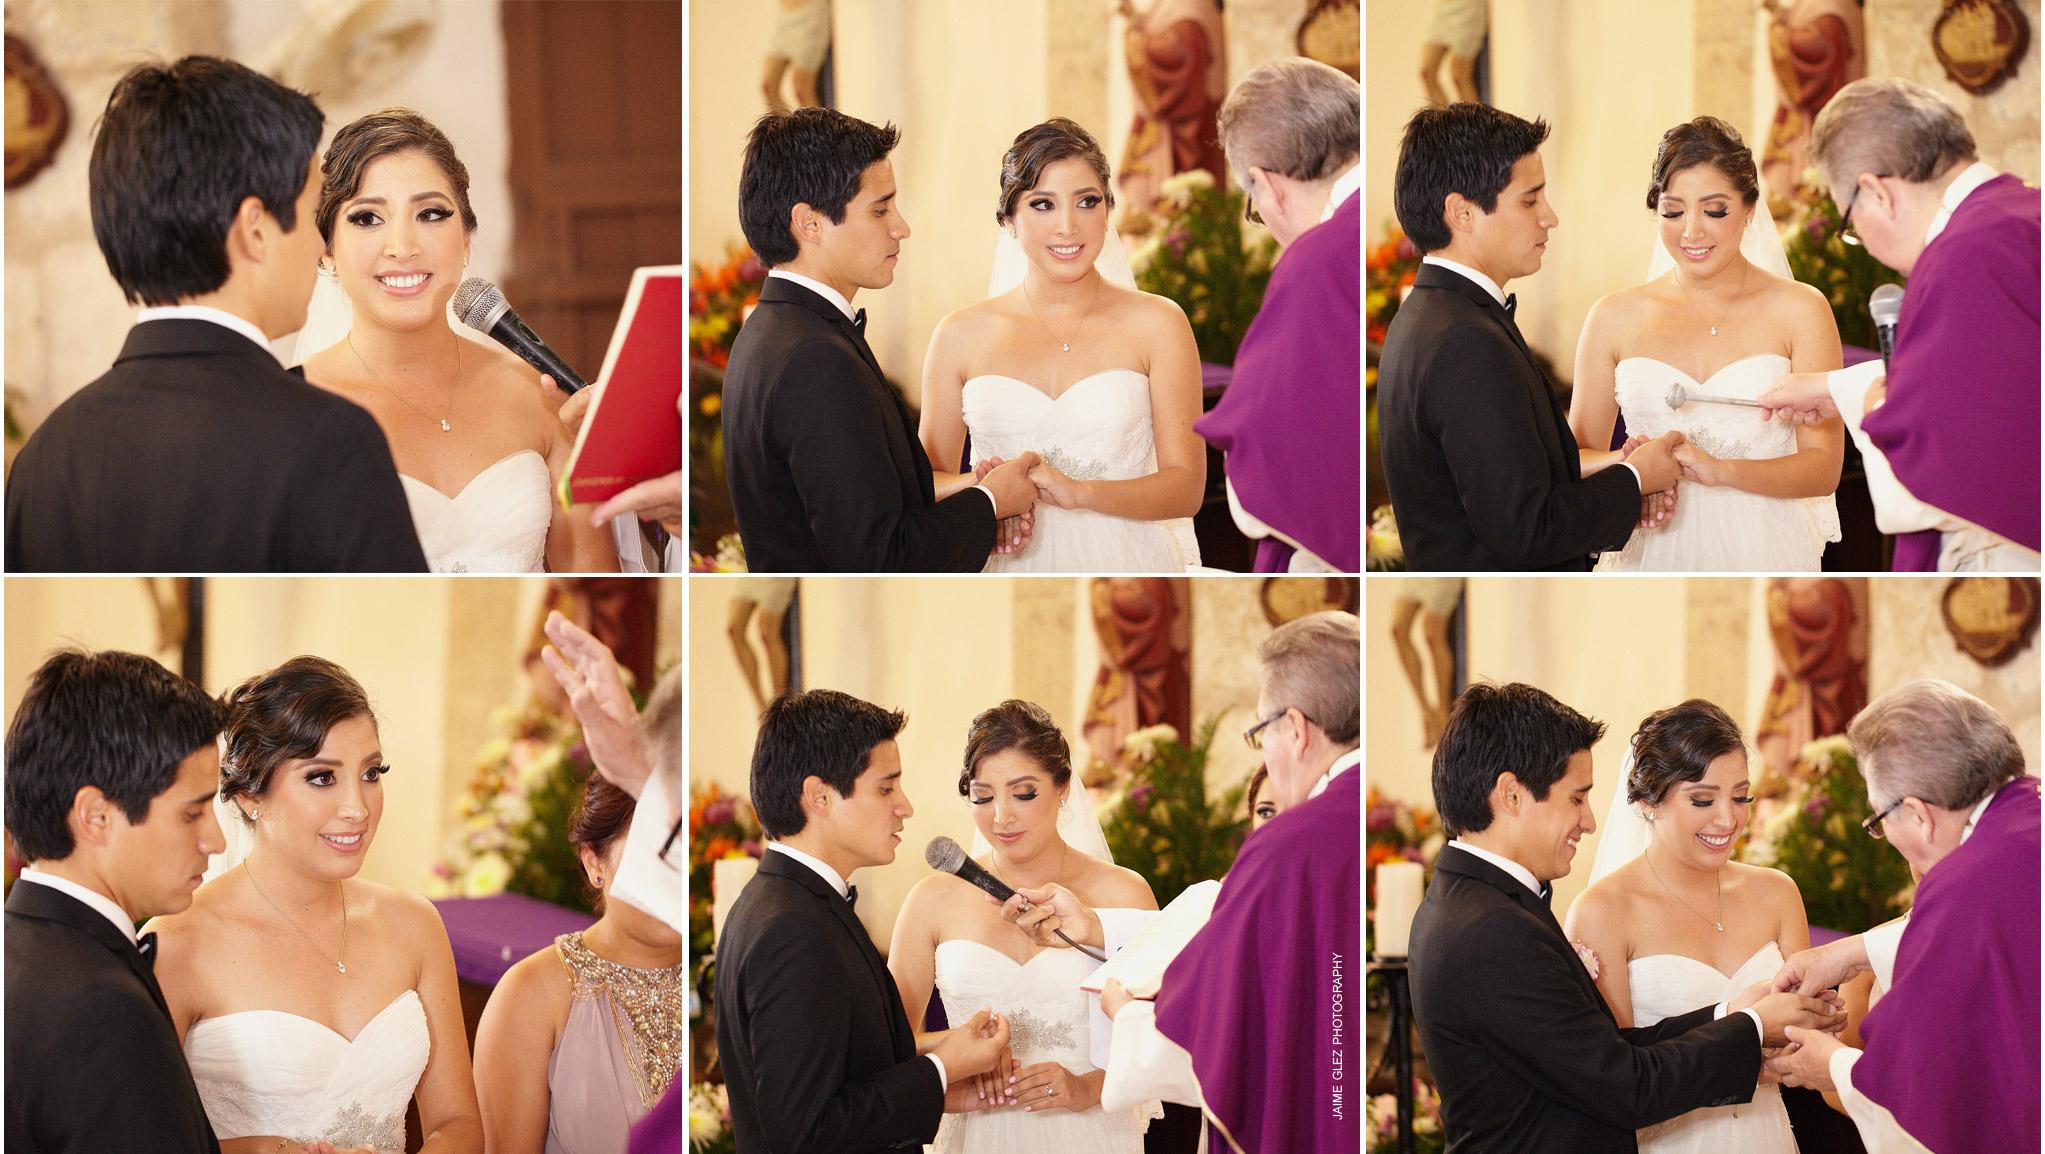 wedding in merida mexico 2